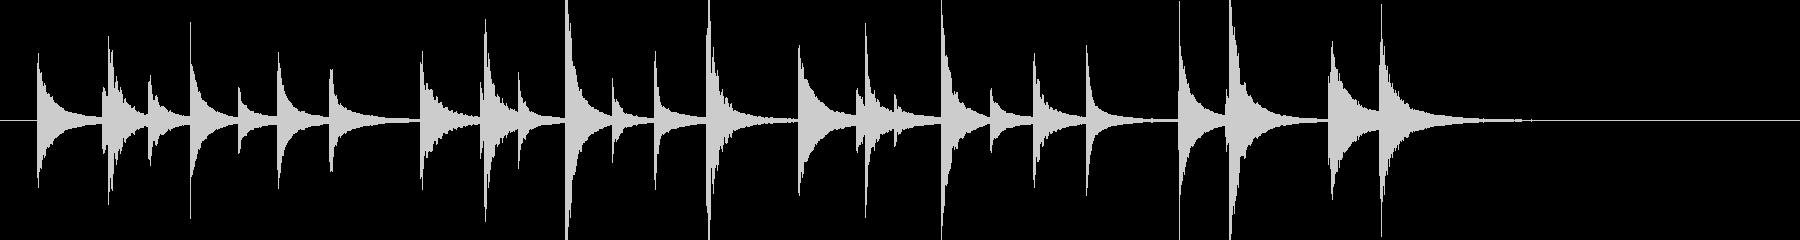 松虫14キラキラ鉄琴アジアン和風歌舞伎鳴の未再生の波形